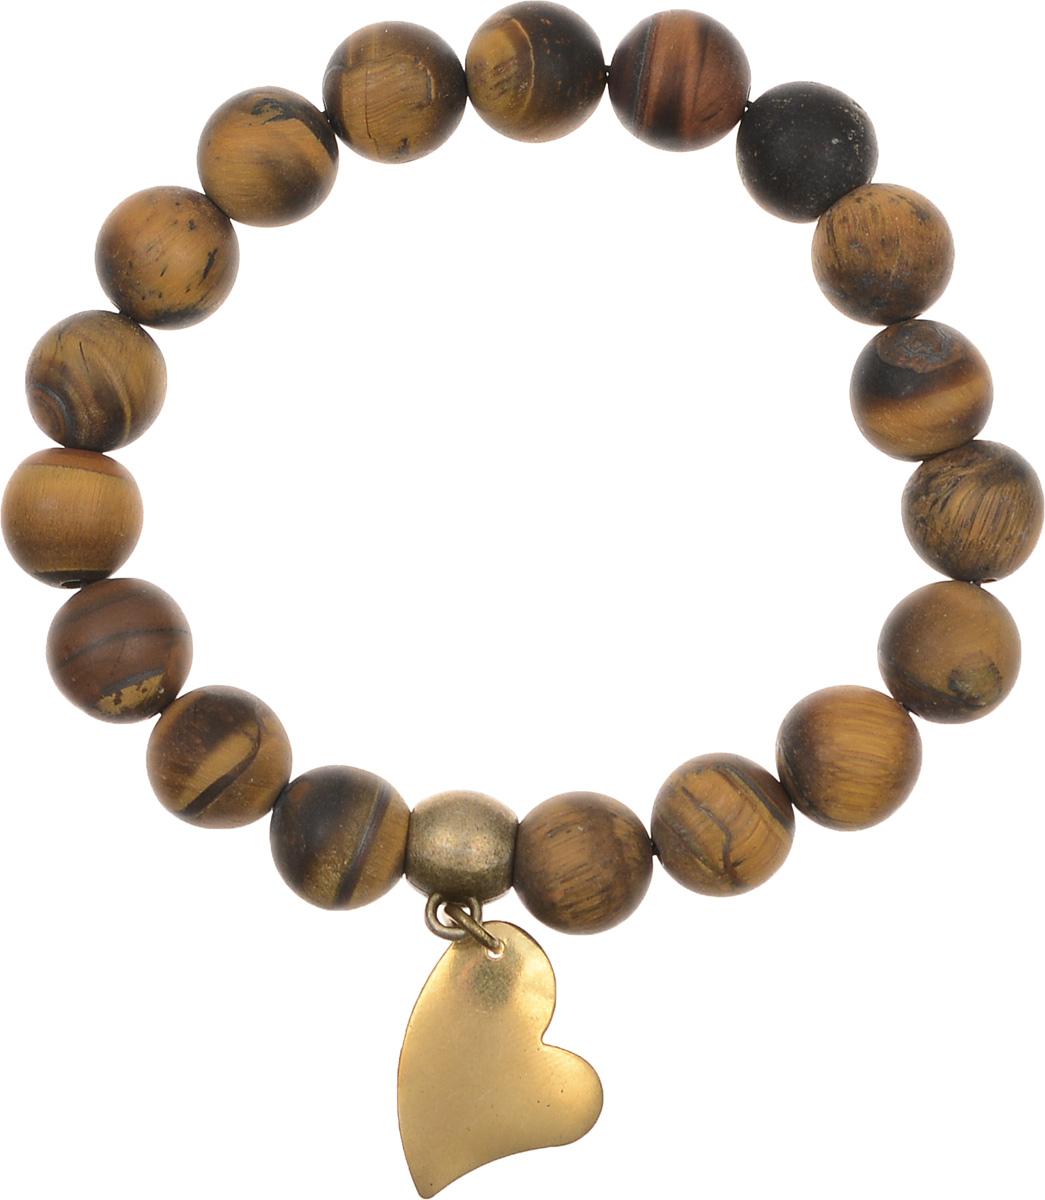 Браслет Polina Selezneva, цвет: коричневый, золотой. 002-2828002-2828Элегантный браслет Polina Selezneva изготовлен из натурального камня. Оригинальные узоры тигрового глаза прекрасно подчеркивают уникальность минерала, а подвеска в форме сердца выгодно дополняет браслет. Благодаря эластичной основе браслет идеально разместится на запястье. Стильный браслет Polina Selezneva поможет дополнить любой образ и привнести в него завершающий яркий штрих.